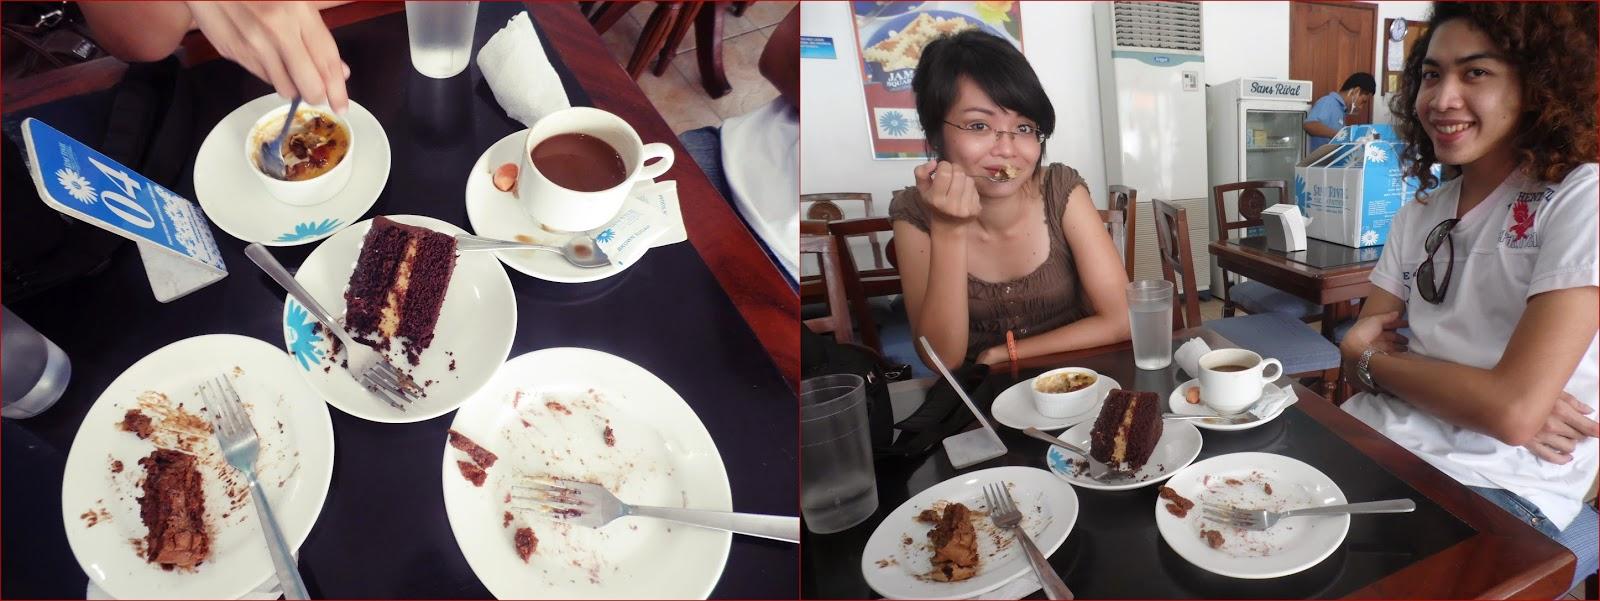 Sans Rival Cakes & Pastries, Dumaguete